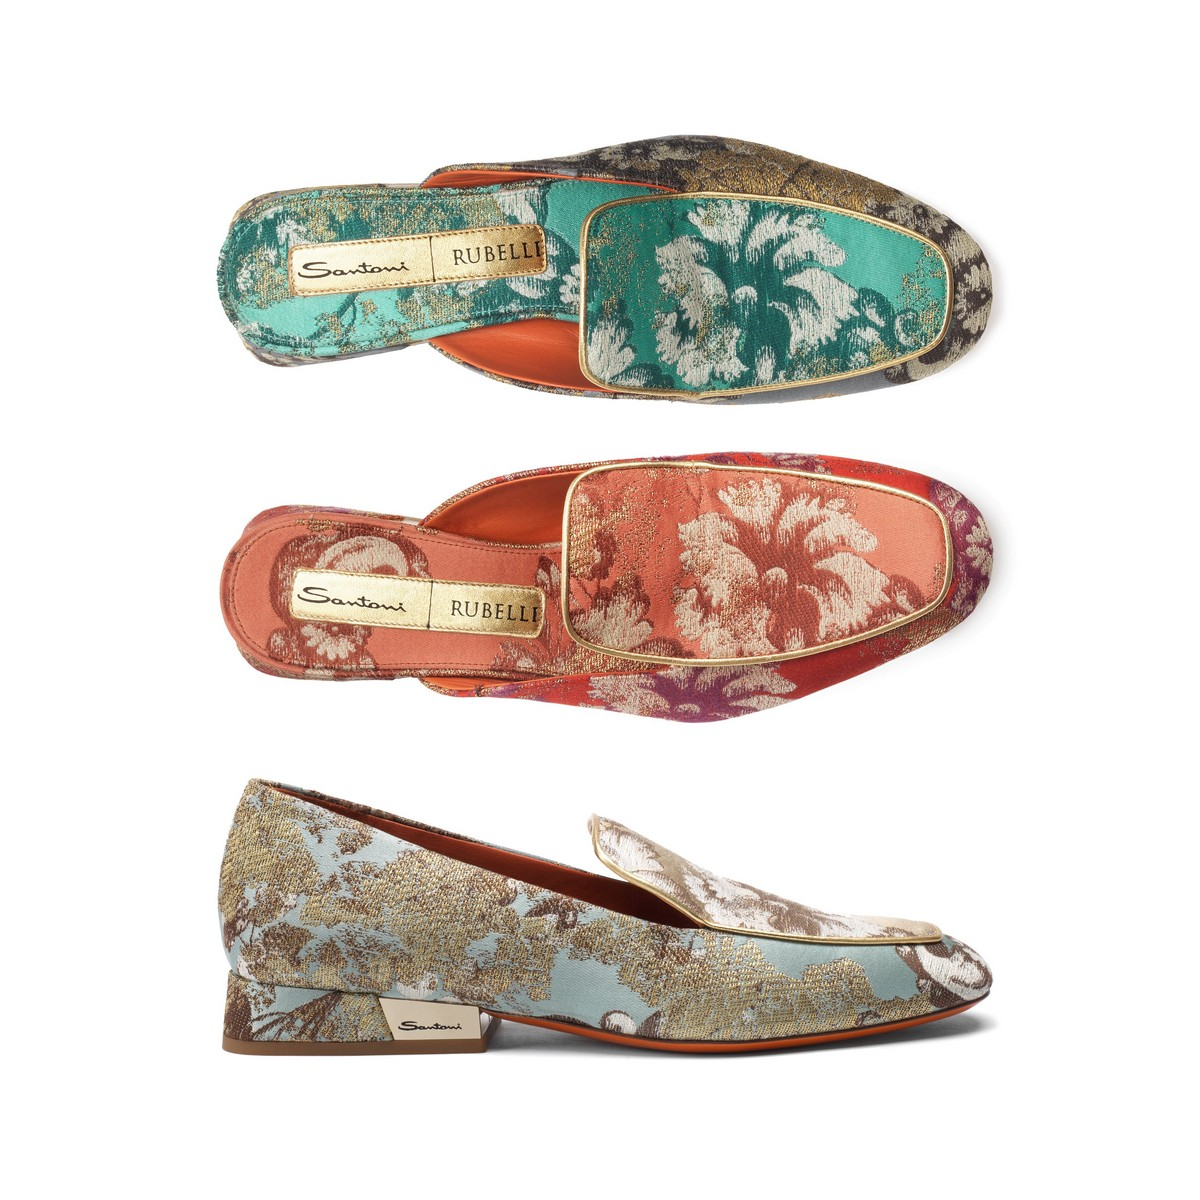 Santoni Rubelli scarpe 2019